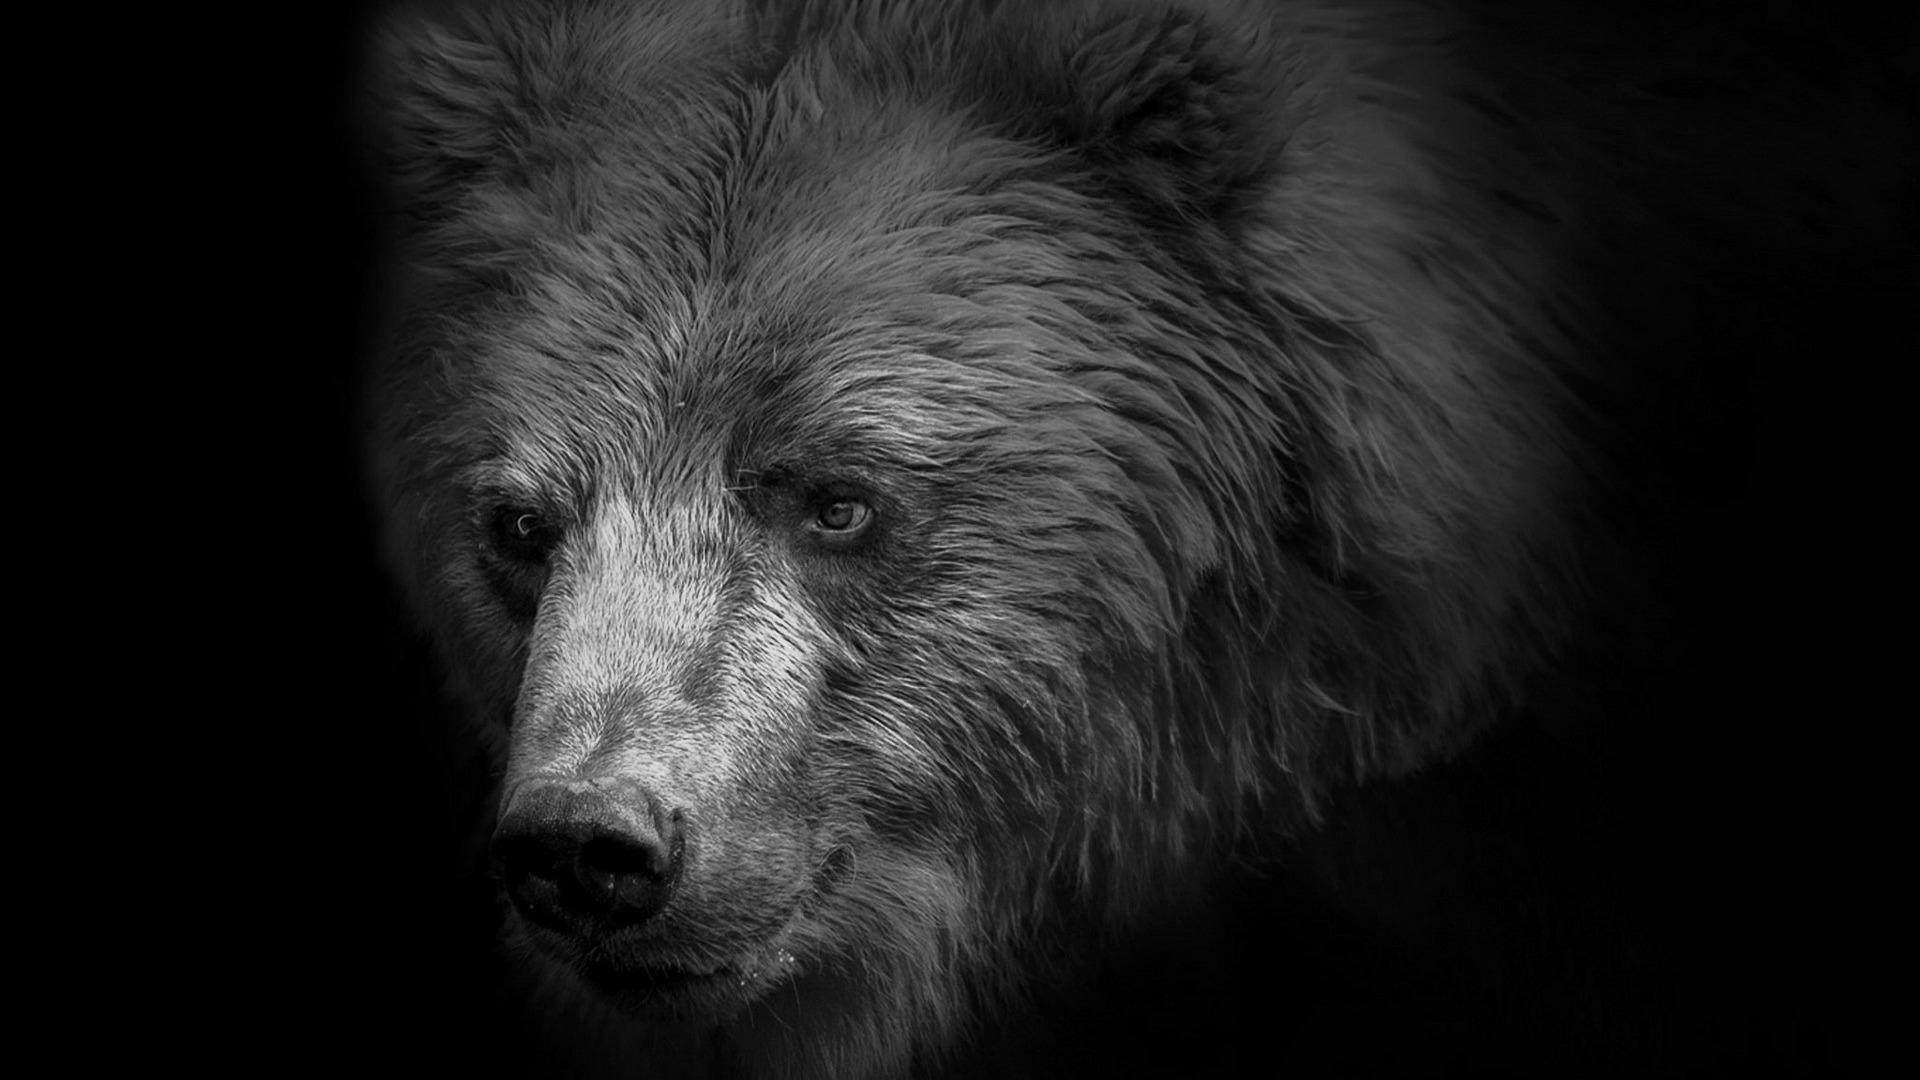 Черны медведь  № 3207586 бесплатно